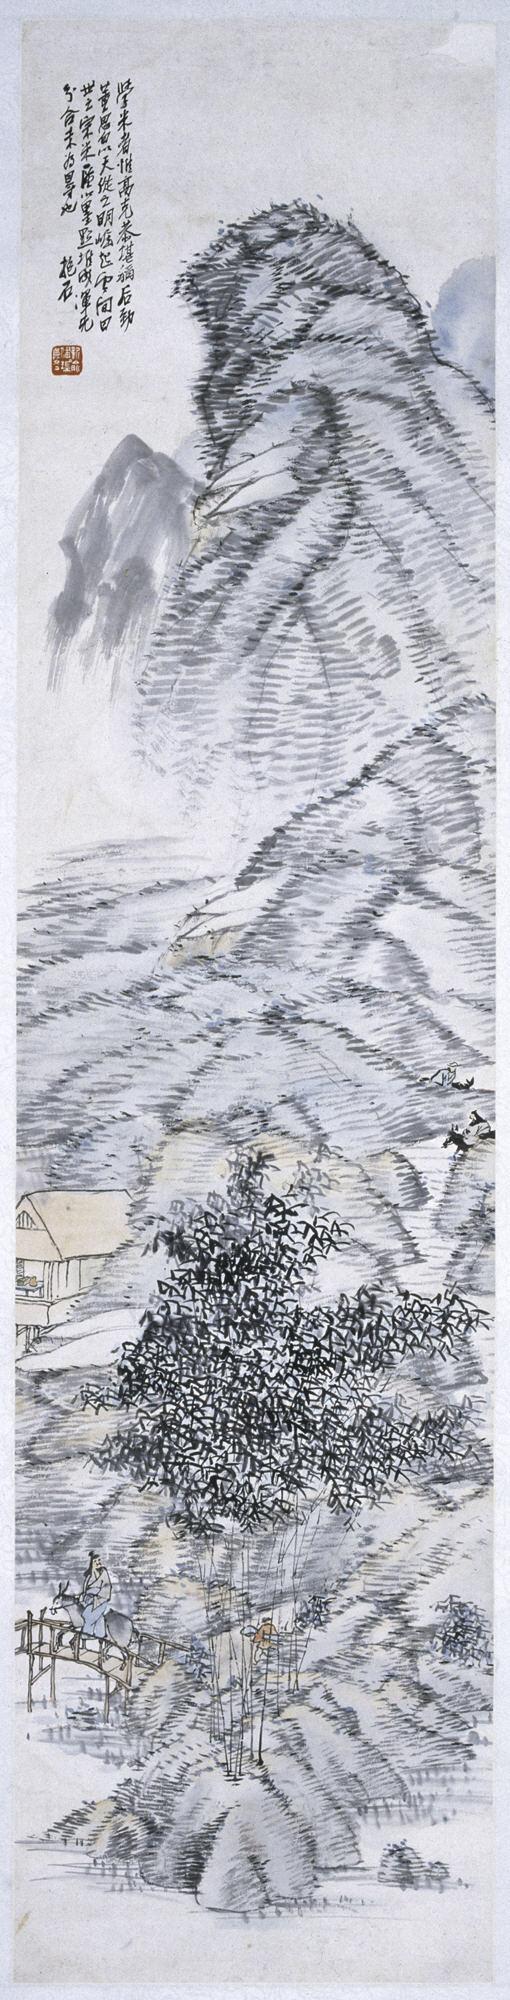 傅抱石 1925年 竹下骑驴